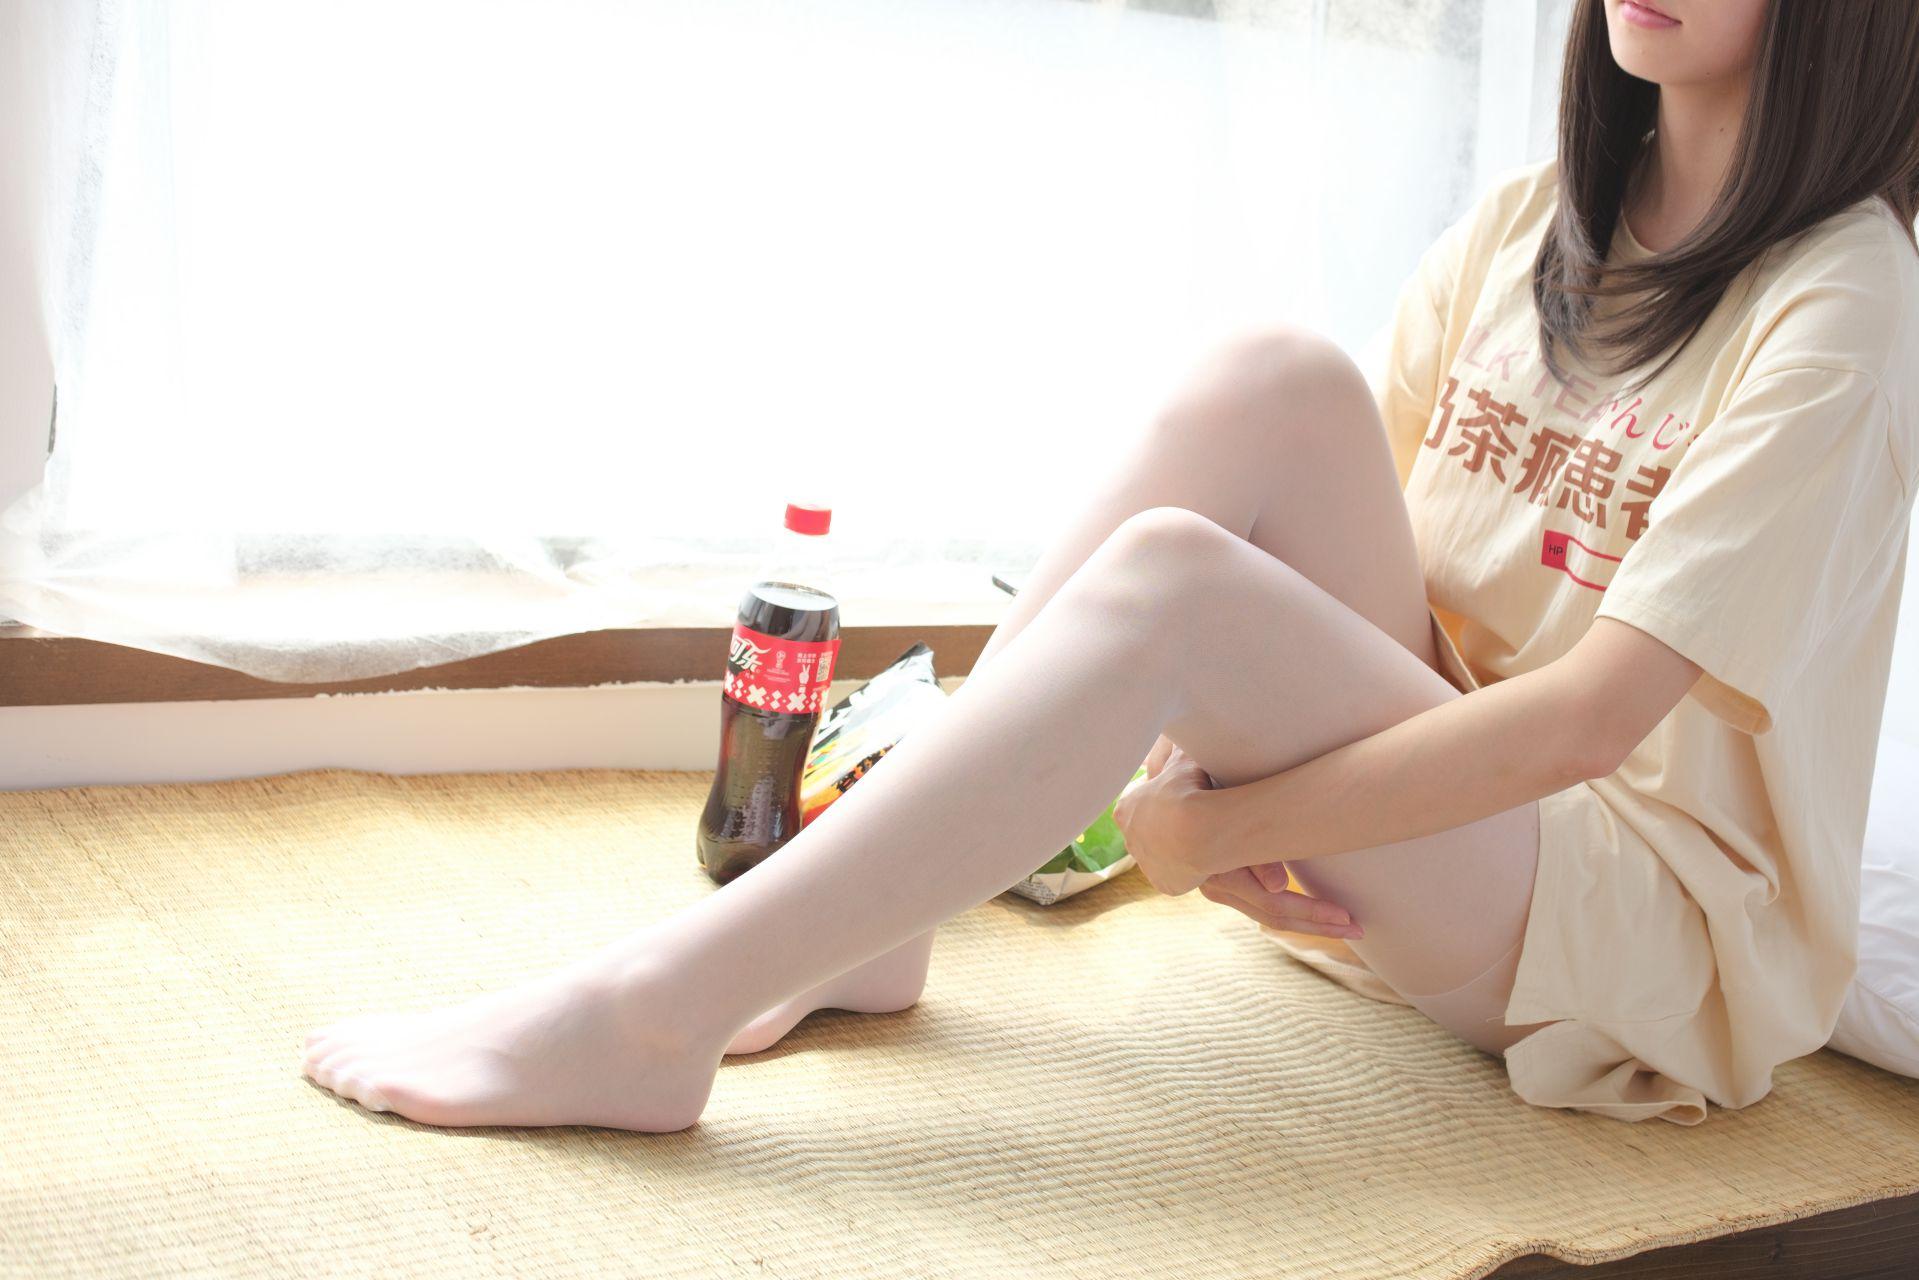 【森萝财团】森萝财团写真 - SSR-010 凉席上的白丝美足少女 [88P-978MB] SSR系列 第4张